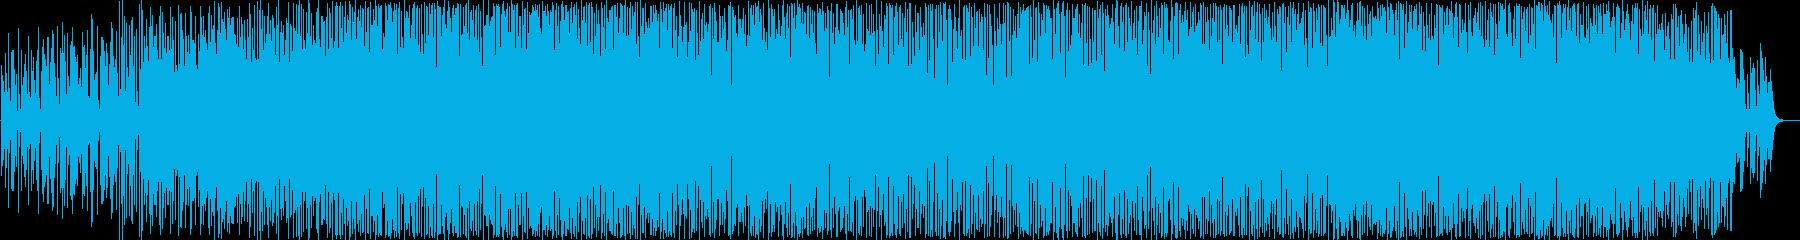 動画 サスペンス アクション ファ...の再生済みの波形